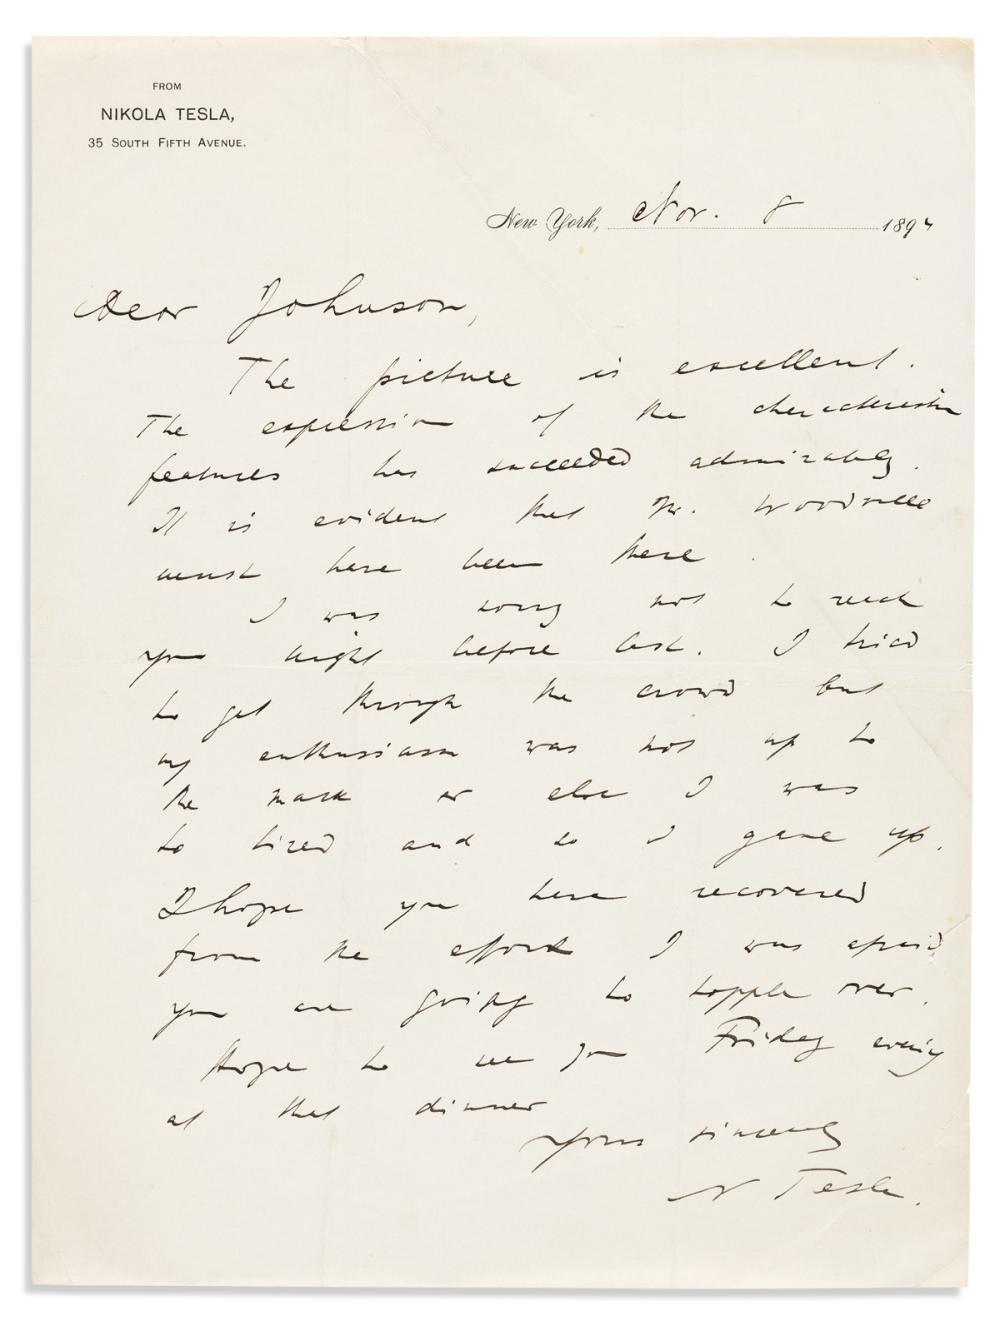 """TESLA, NIKOLA. Two Autograph Letters Signed, """"N Tesla,"""" to """"Dear Johnson,"""" or """"Dear Mrs. Johnson."""""""